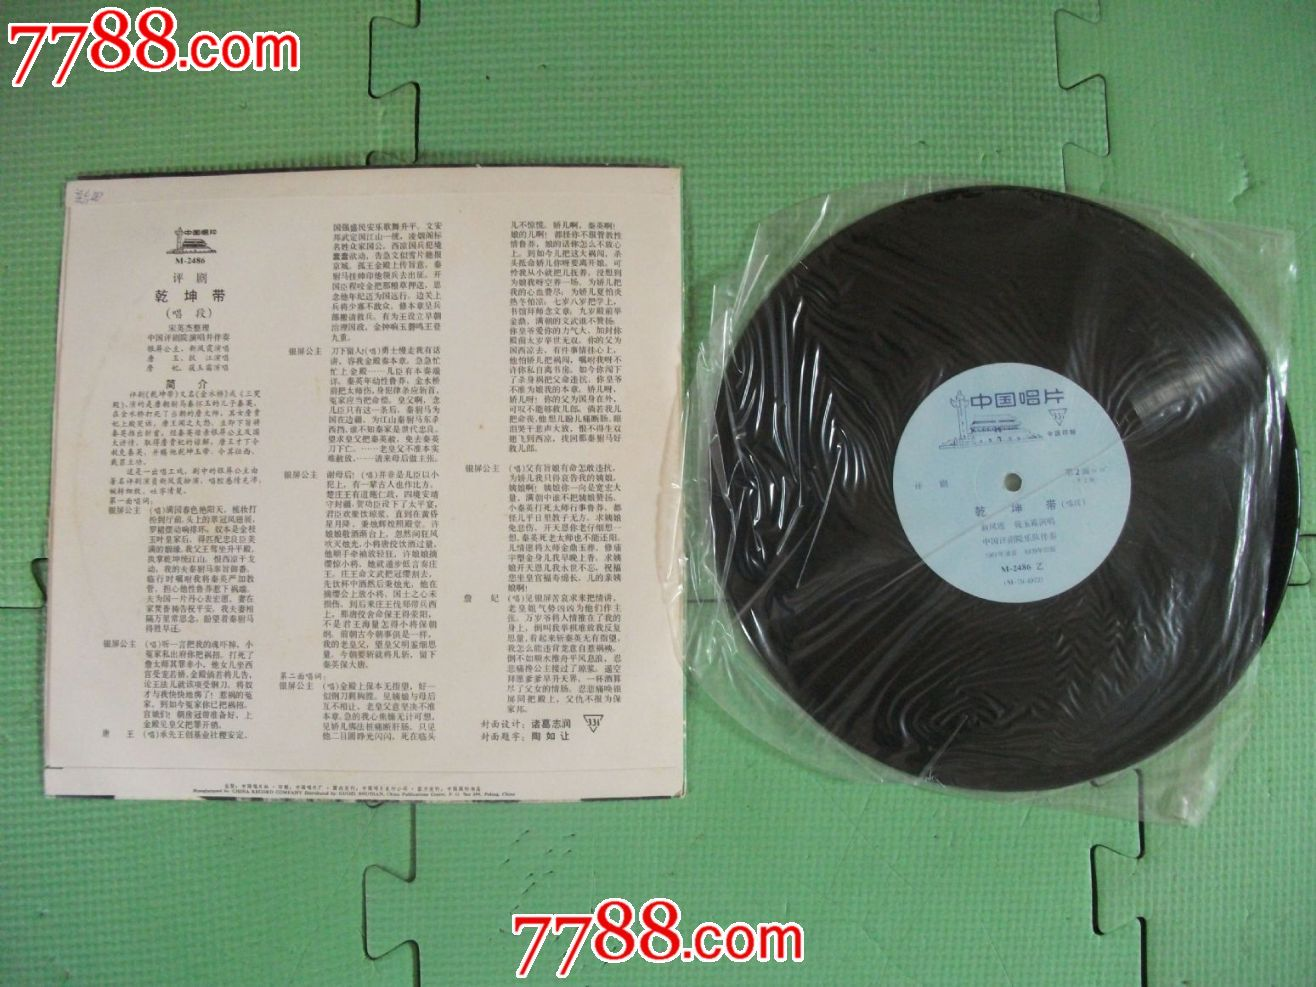 评剧【新风带】乾坤,唱段霞,筱玉霜演唱,1979年v评剧,厨柜完美品.库存柜图片